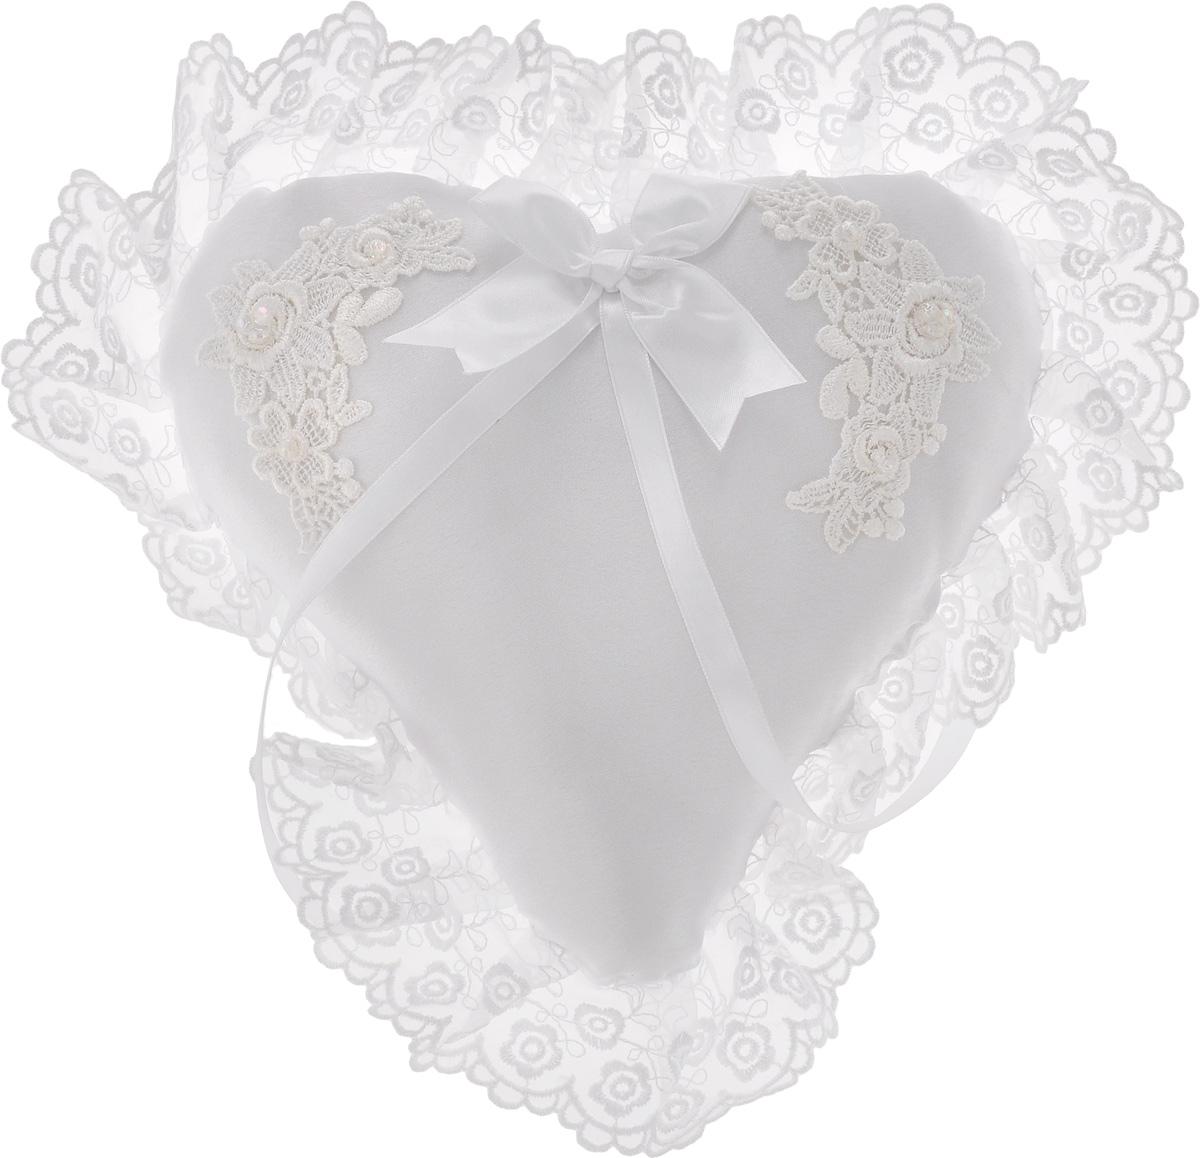 Подушечка для колец Bianco Sole Свадебная, 30 х 30 см139349Подушечка для колец с кружевом Bianco Sole Свадебная будет простовеликолепно выглядеть на свадебных фотографиях! Подушечка вручнуюизготовлена из нежного атласа белого цвета, украшена изящным кружевом,бантом и лентами. Обручальные кольца закрепляются на тонких атласных ленточках.На такой подушечке в виде сердца ваши обручальные кольца будут смотретьсяочень красиво!Размер подушечки: 30 х 30 см.